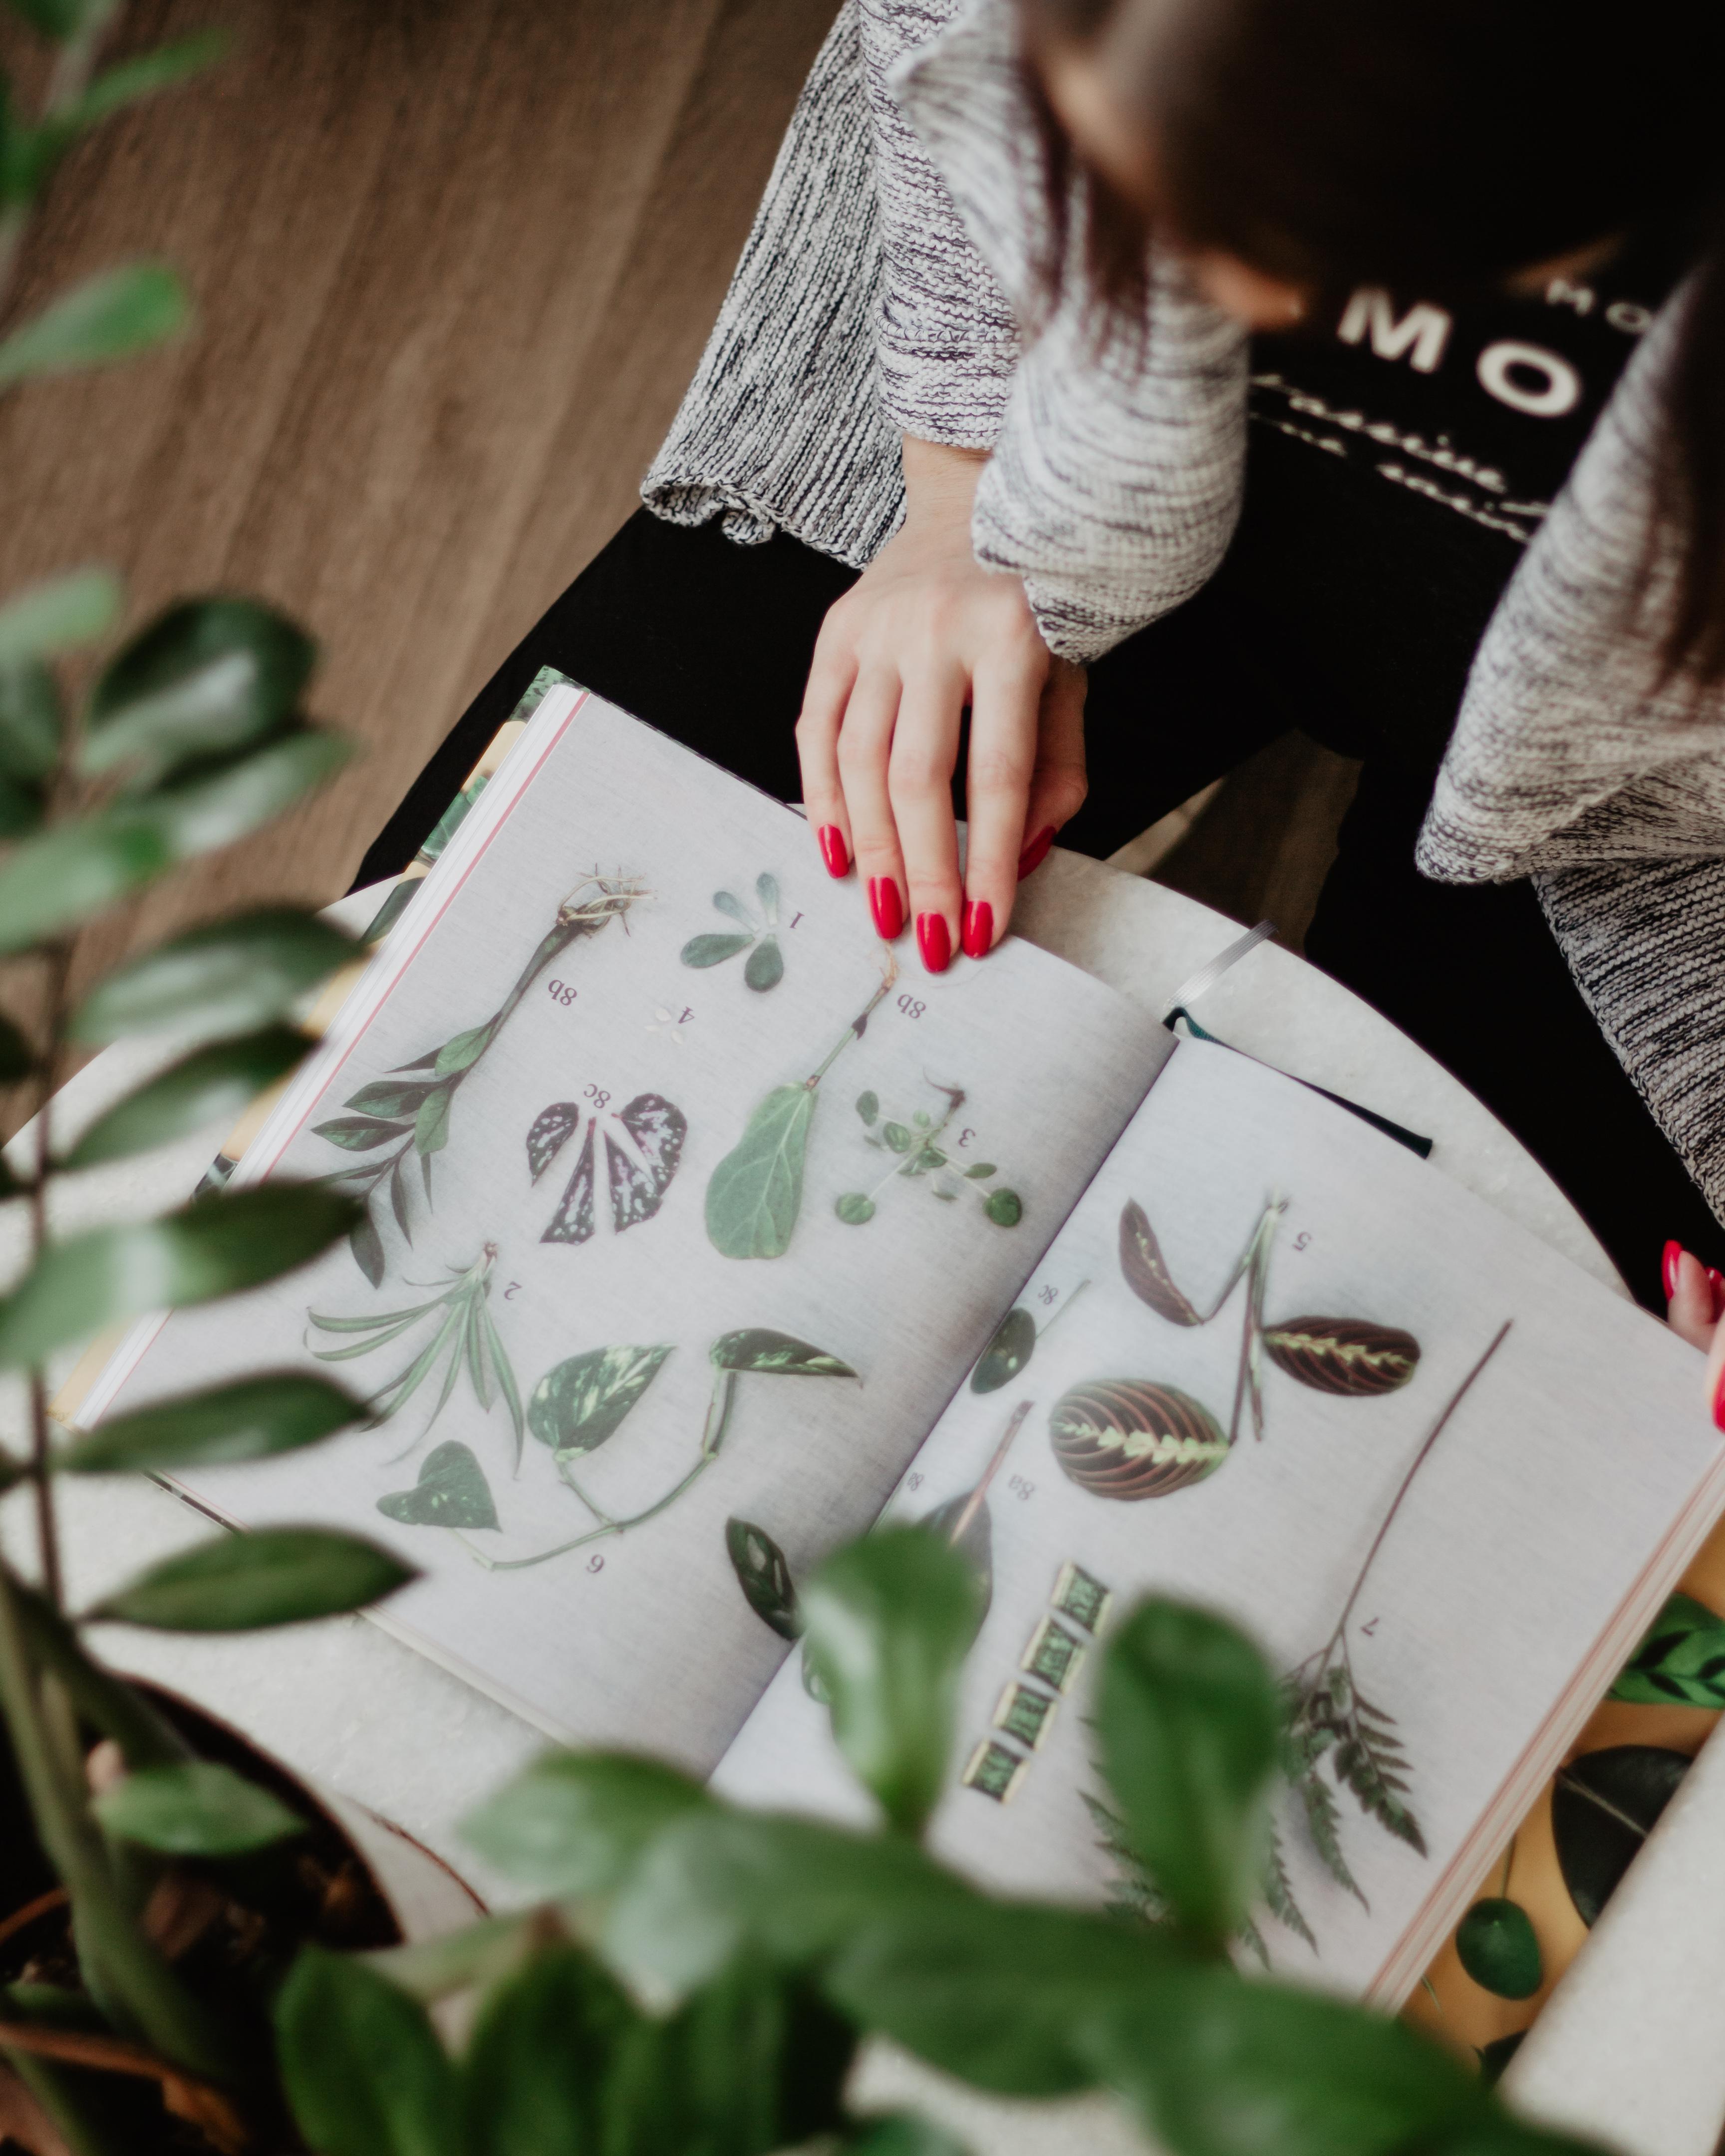 Na Bella Rose nájdete knihy, ktoré vám s pestovaním izbových rastlín pomôžu